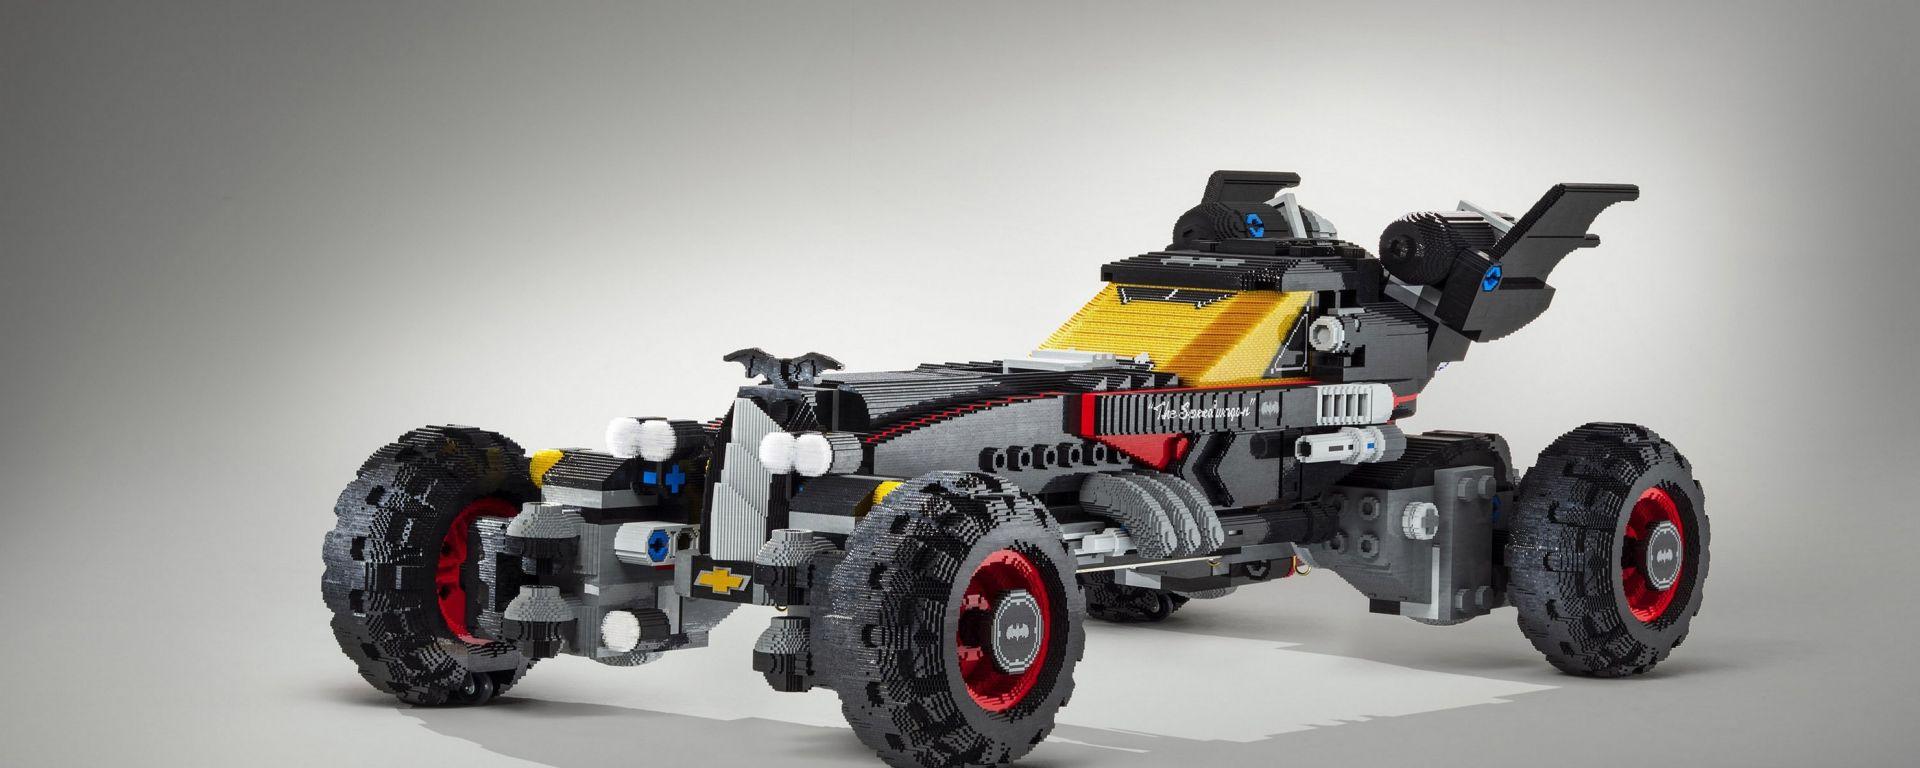 Batmobile di Lego: da Chevrolet un incredibile modellino scala 1:1